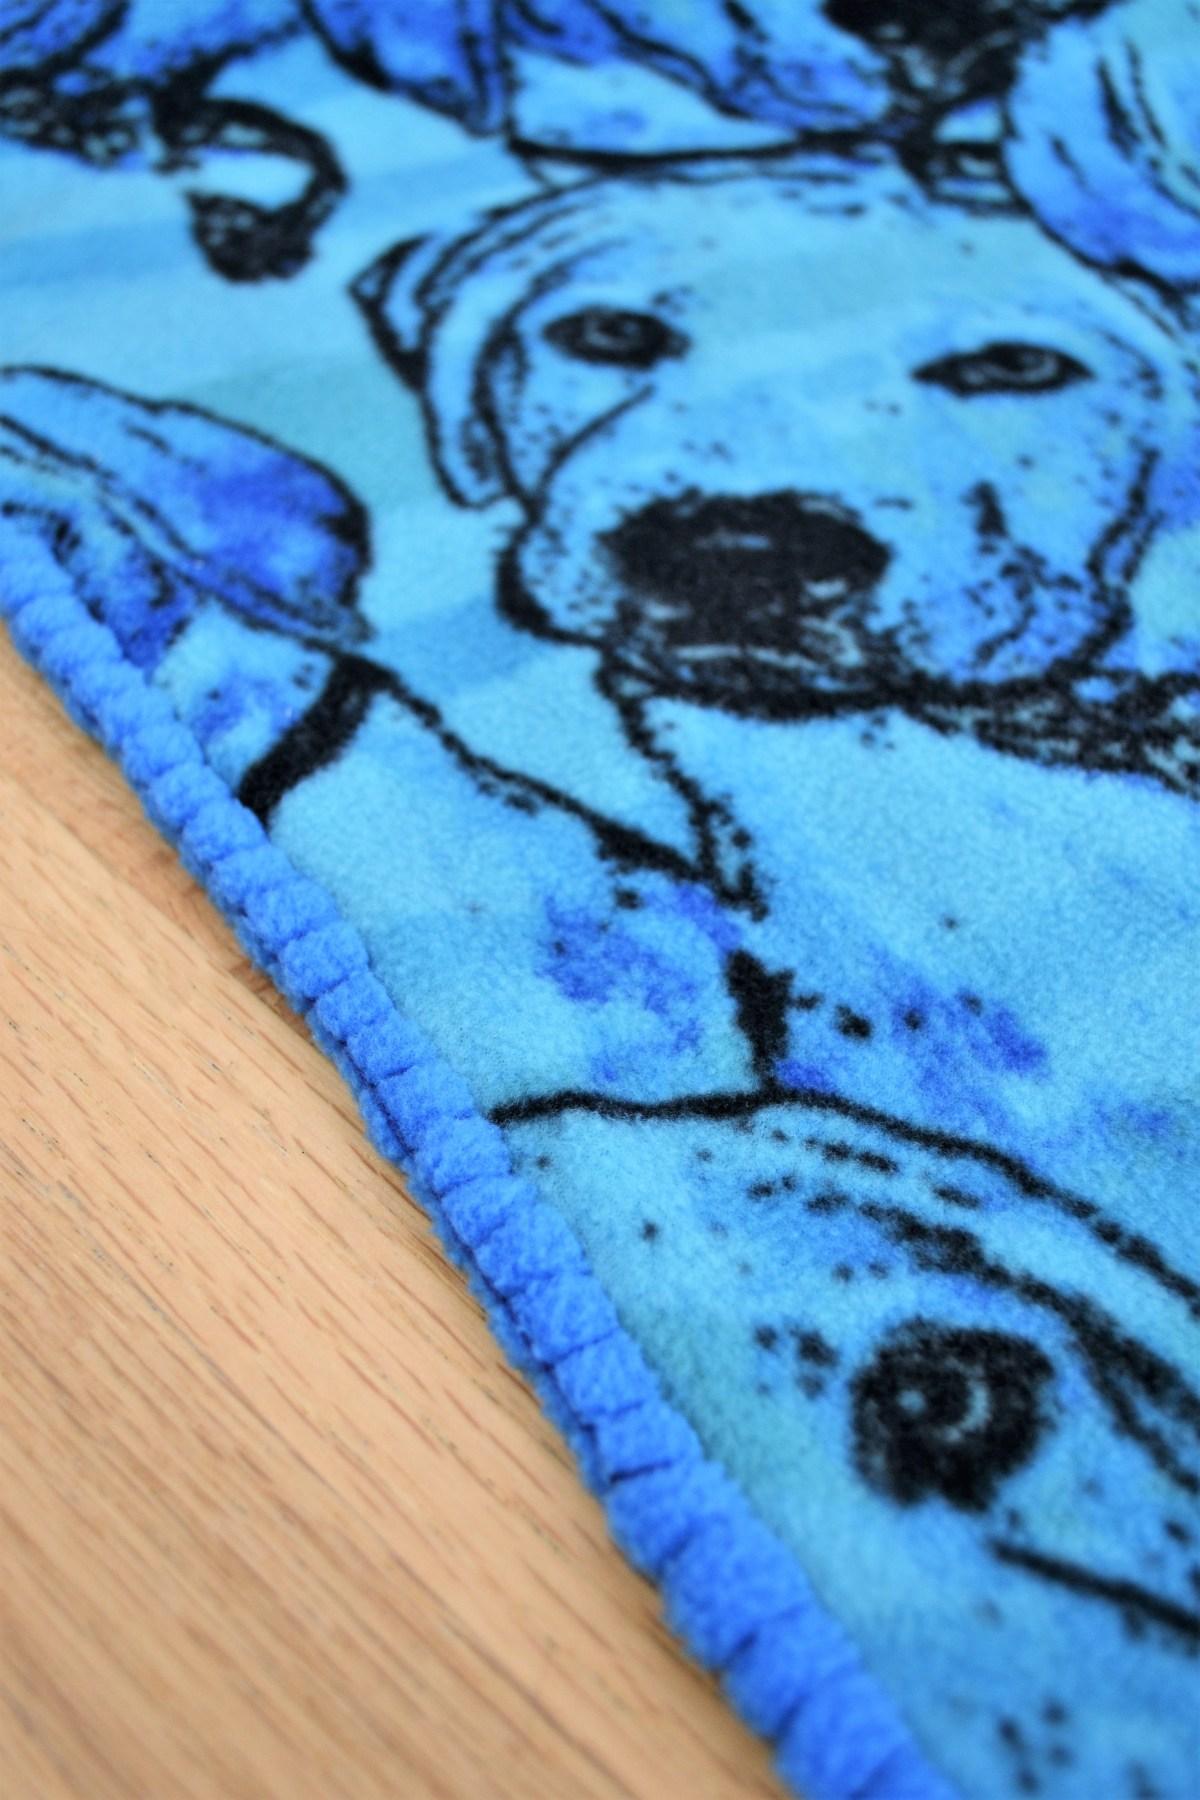 Hand Sewn Fleece Toddler Blanket Tutorial! - The Blanket Stitch! - 1/2 inch stitches